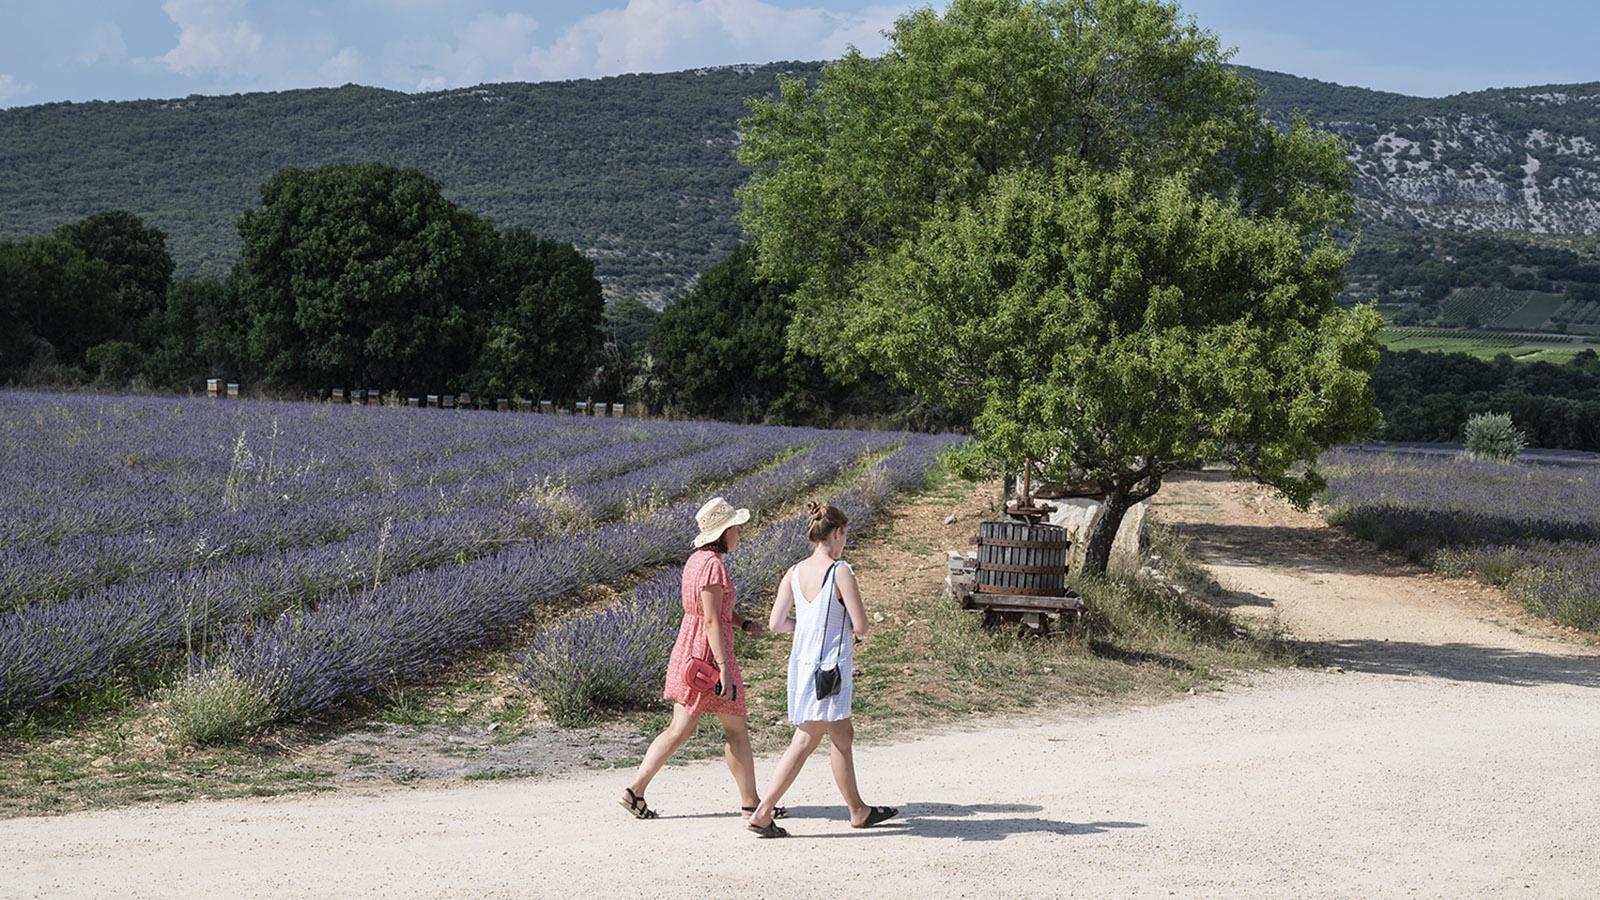 Herrlich - ein Spaziergang durch die Lavendelfelder während der Blüte im Juli. Foto: Hilke Maunder